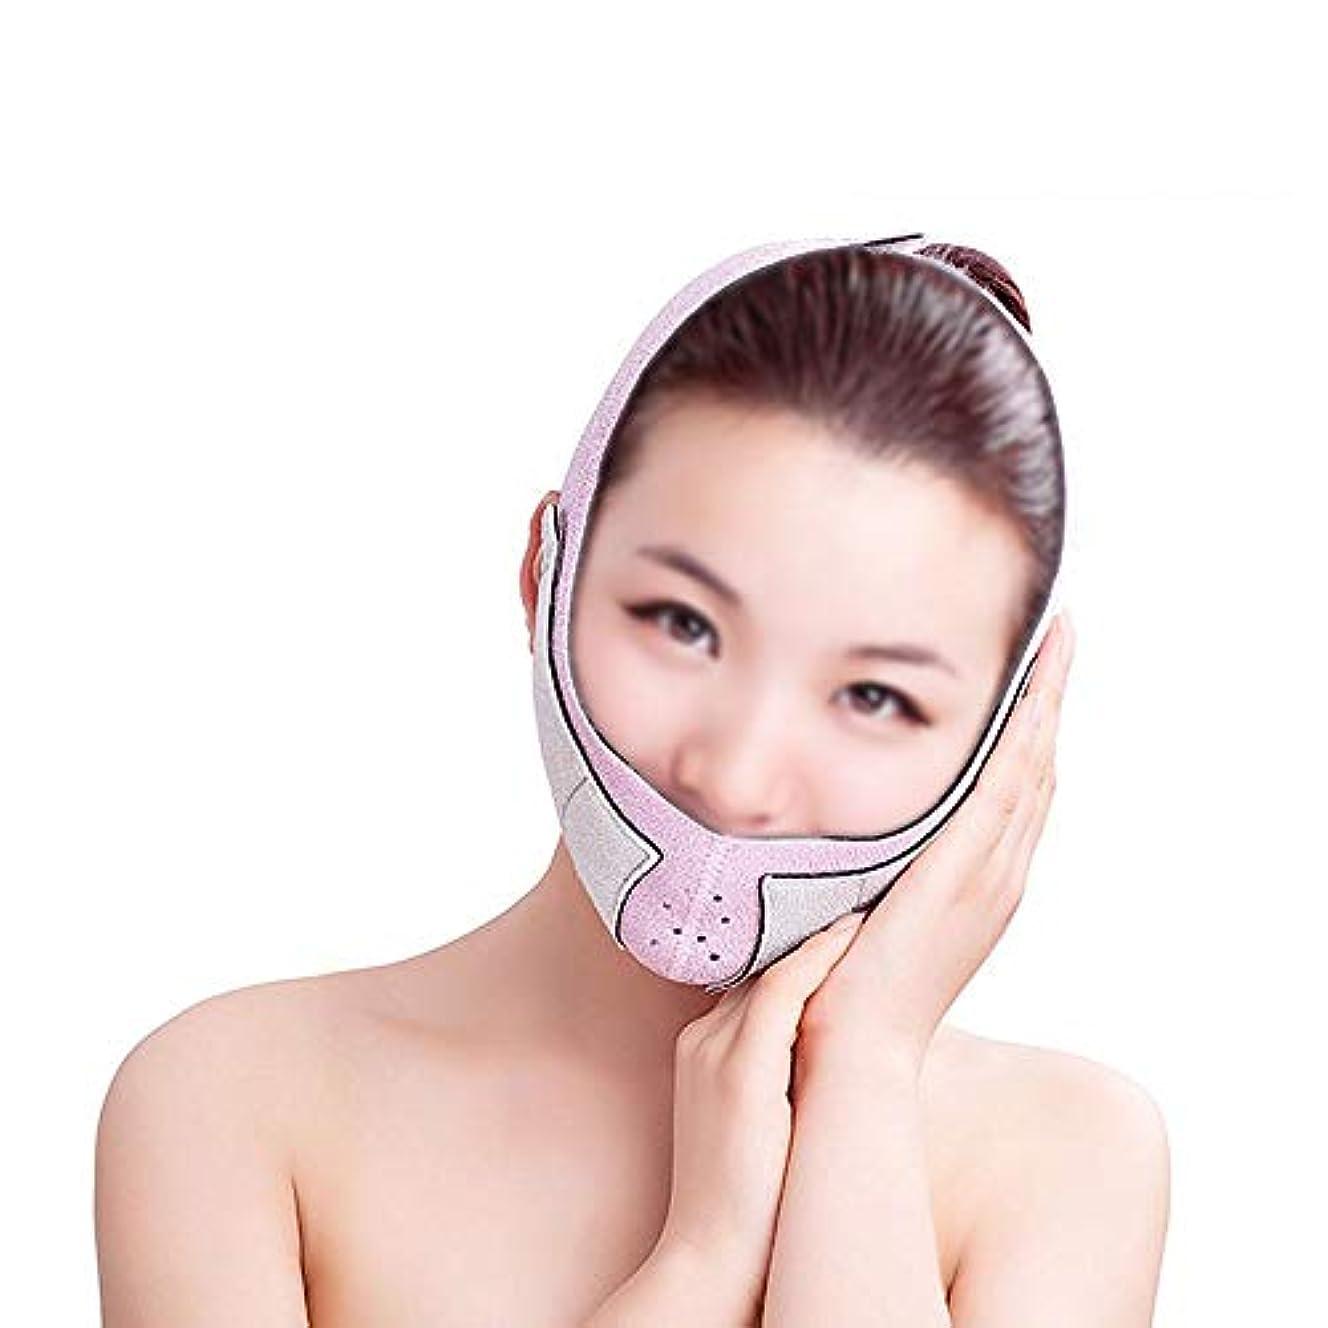 野心資格ホーンXHLMRMJ フェイスリフトマスク、痩身ベルト薄いフェイスマスク強力な持ち上げ小さなV顔薄い顔包帯美容フェイスリフティングデバイス